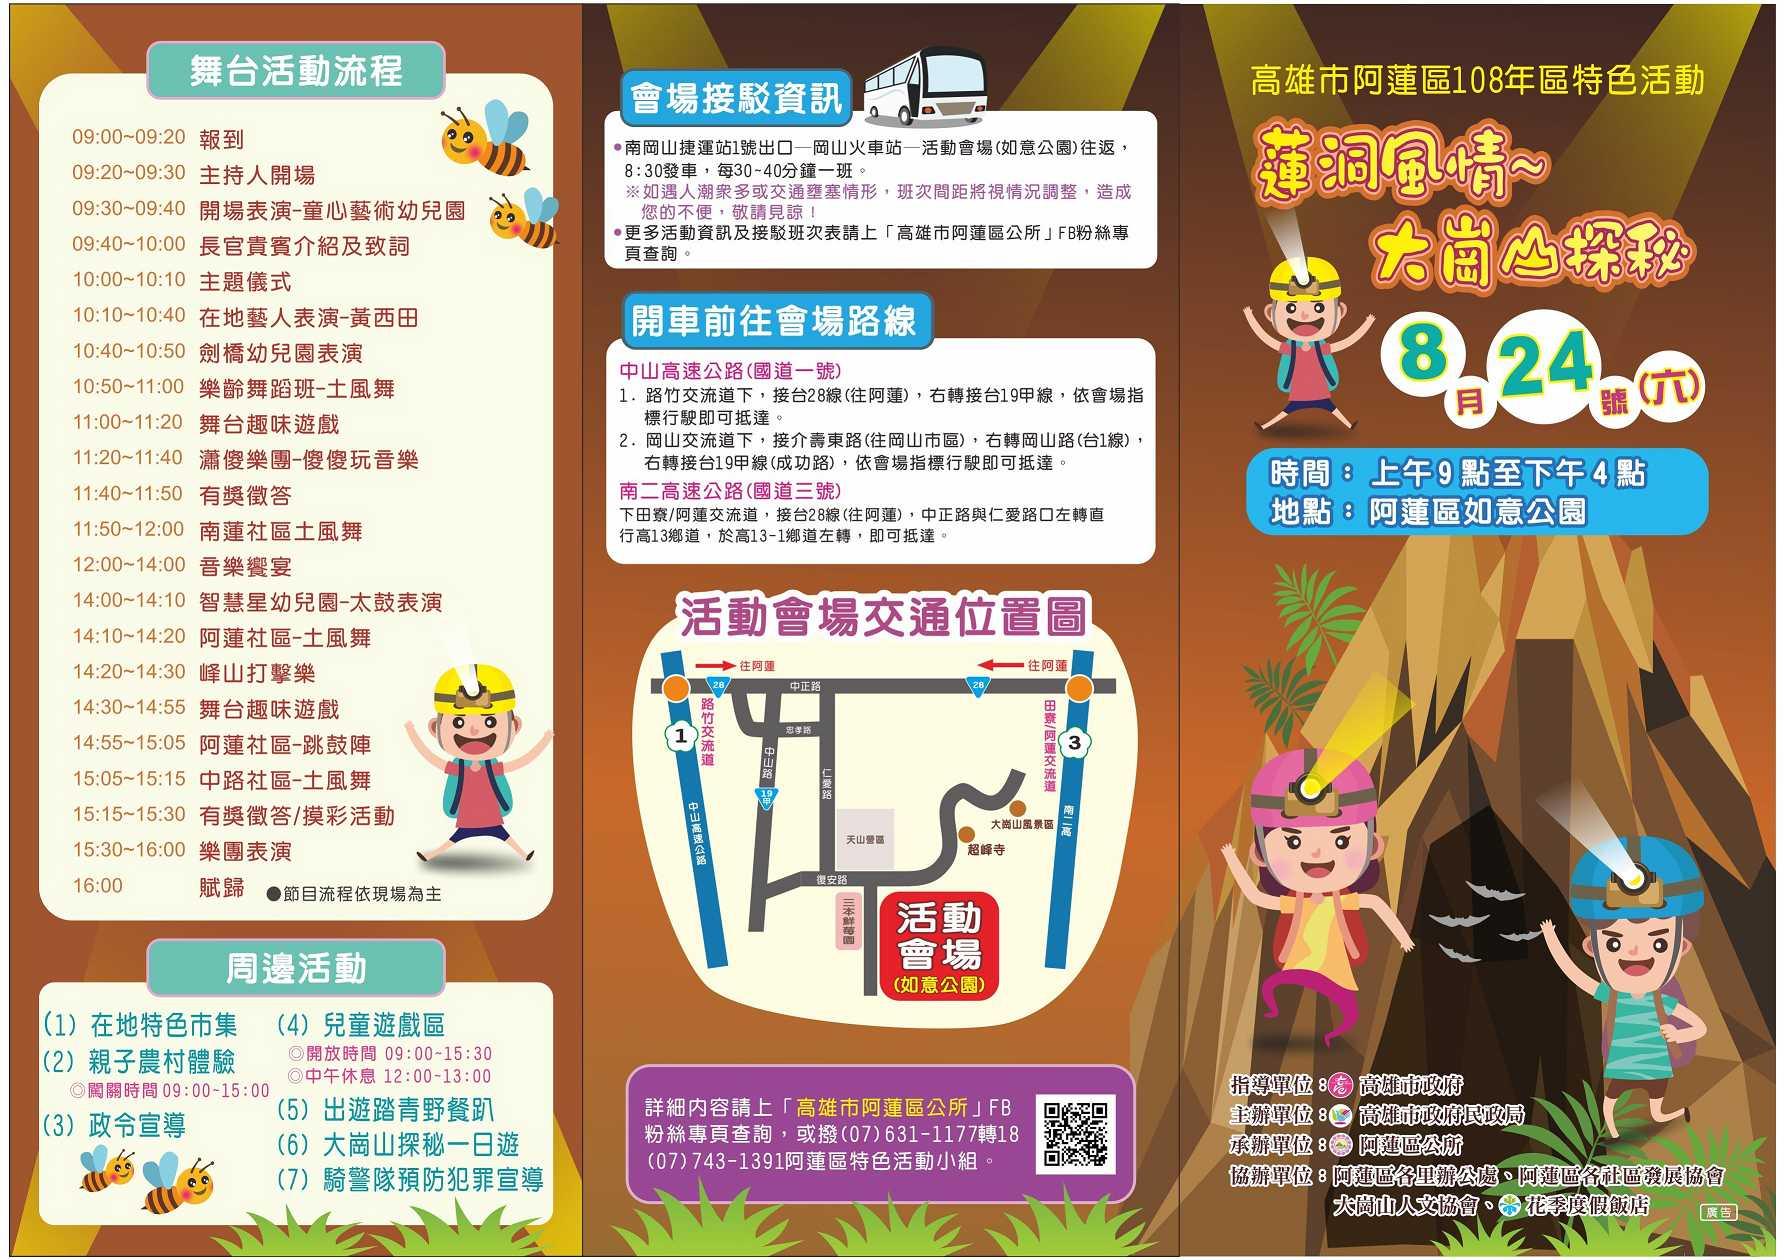 高雄市阿蓮區公所舉辦「蓮洞風情~大崗山探秘」區特色活 動